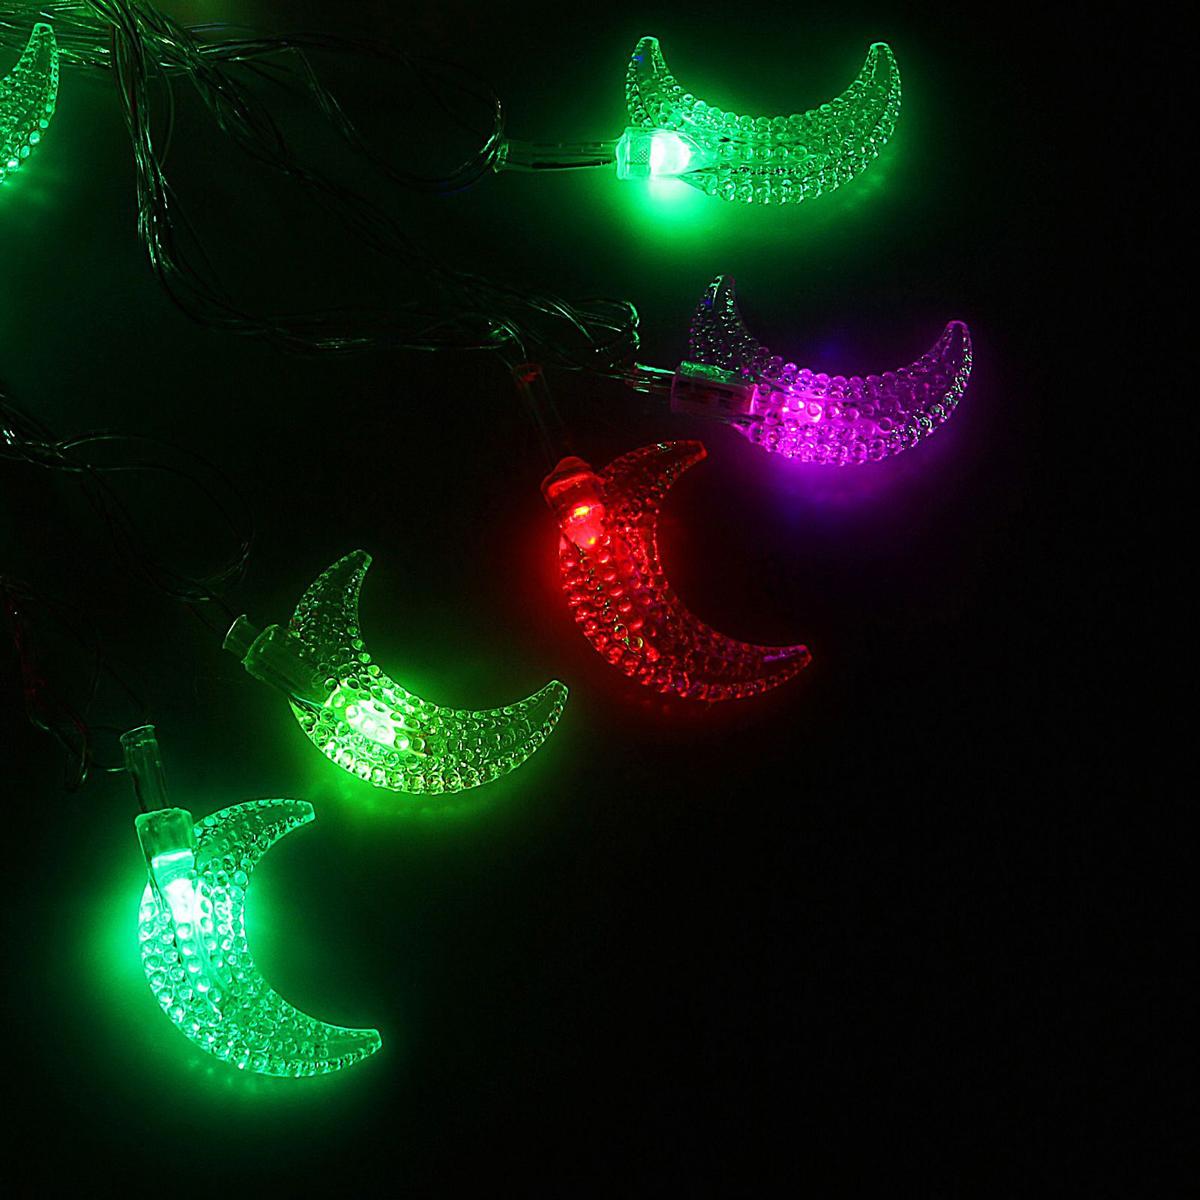 Гирлянда светодиодная Luazon Метраж. Полумесяц в крапинку, 20 ламп, 220 V, длина 5 м1080391Светодиодные гирлянды и ленты — это отличный вариант для новогоднего оформления интерьера или фасада. С их помощью помещение любого размера можно превратить в праздничный зал, а внешние элементы зданий, украшенные ими, мгновенно станут напоминать очертания сказочного дворца. Такие украшения создают ауру предвкушения чуда. Деревья, фасады, витрины, окна и арки будто специально созданы, чтобы вы украсили их светящимися нитями.